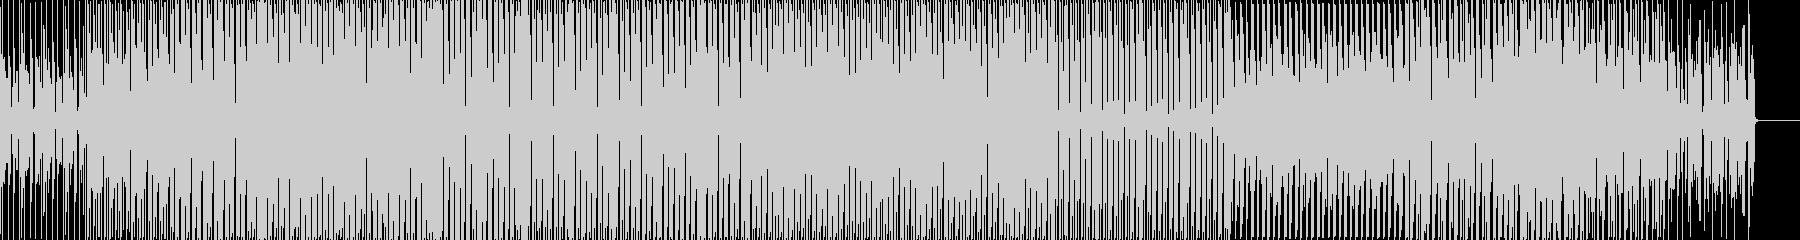 チュートリアル向けな無機質なBGMの未再生の波形